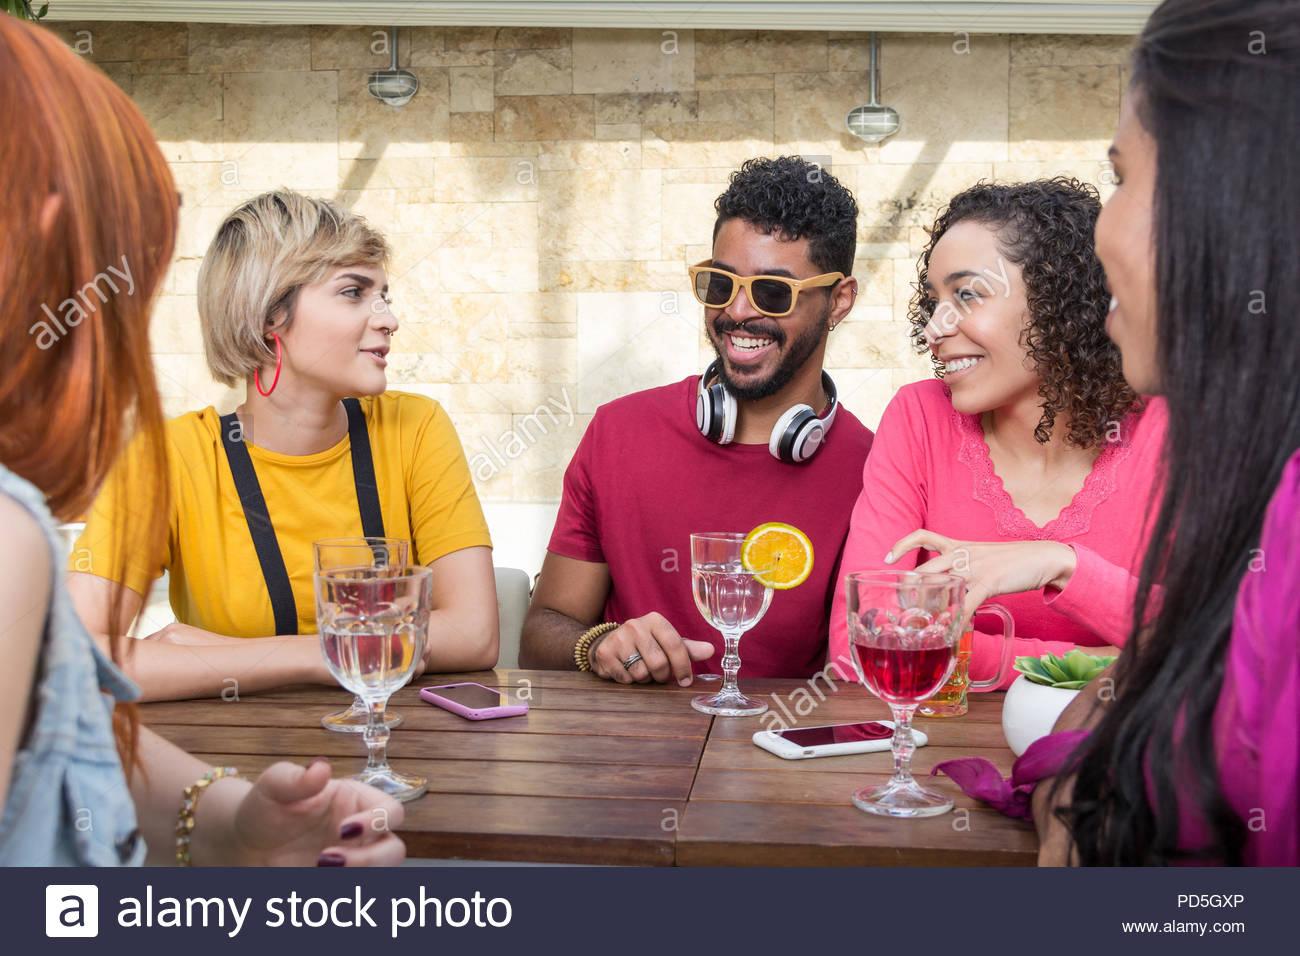 Grupo de jóvenes colgando fuera, divertirse en el restaurante exterior. Los estudiantes universitarios de fiesta juntos en la cafetería al aire libre. La primavera, cálido togethernes Imagen De Stock